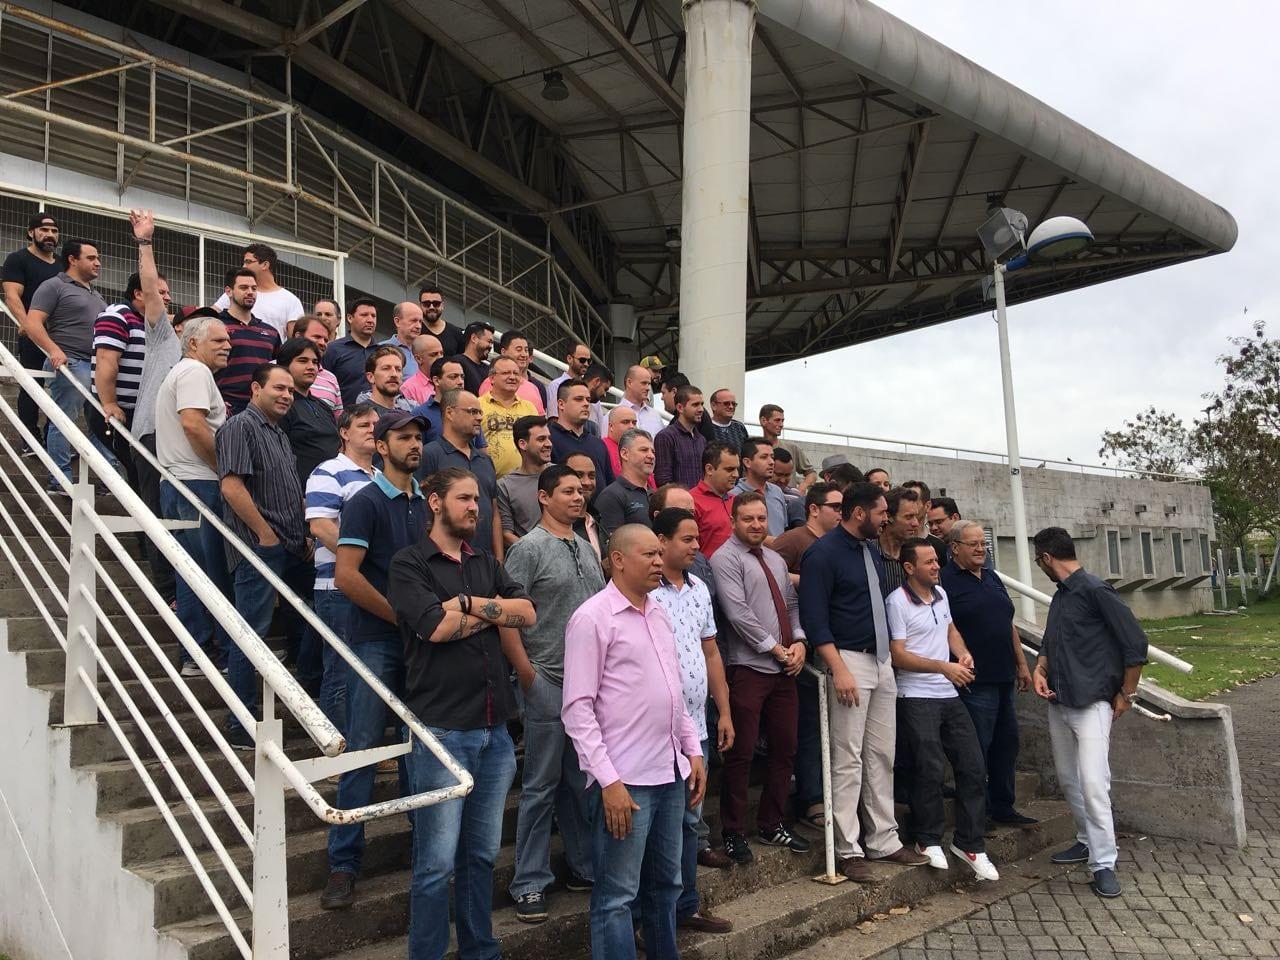 Motoristas de Uber reunidos no Ginásio Galegão (Danubia de Souza)